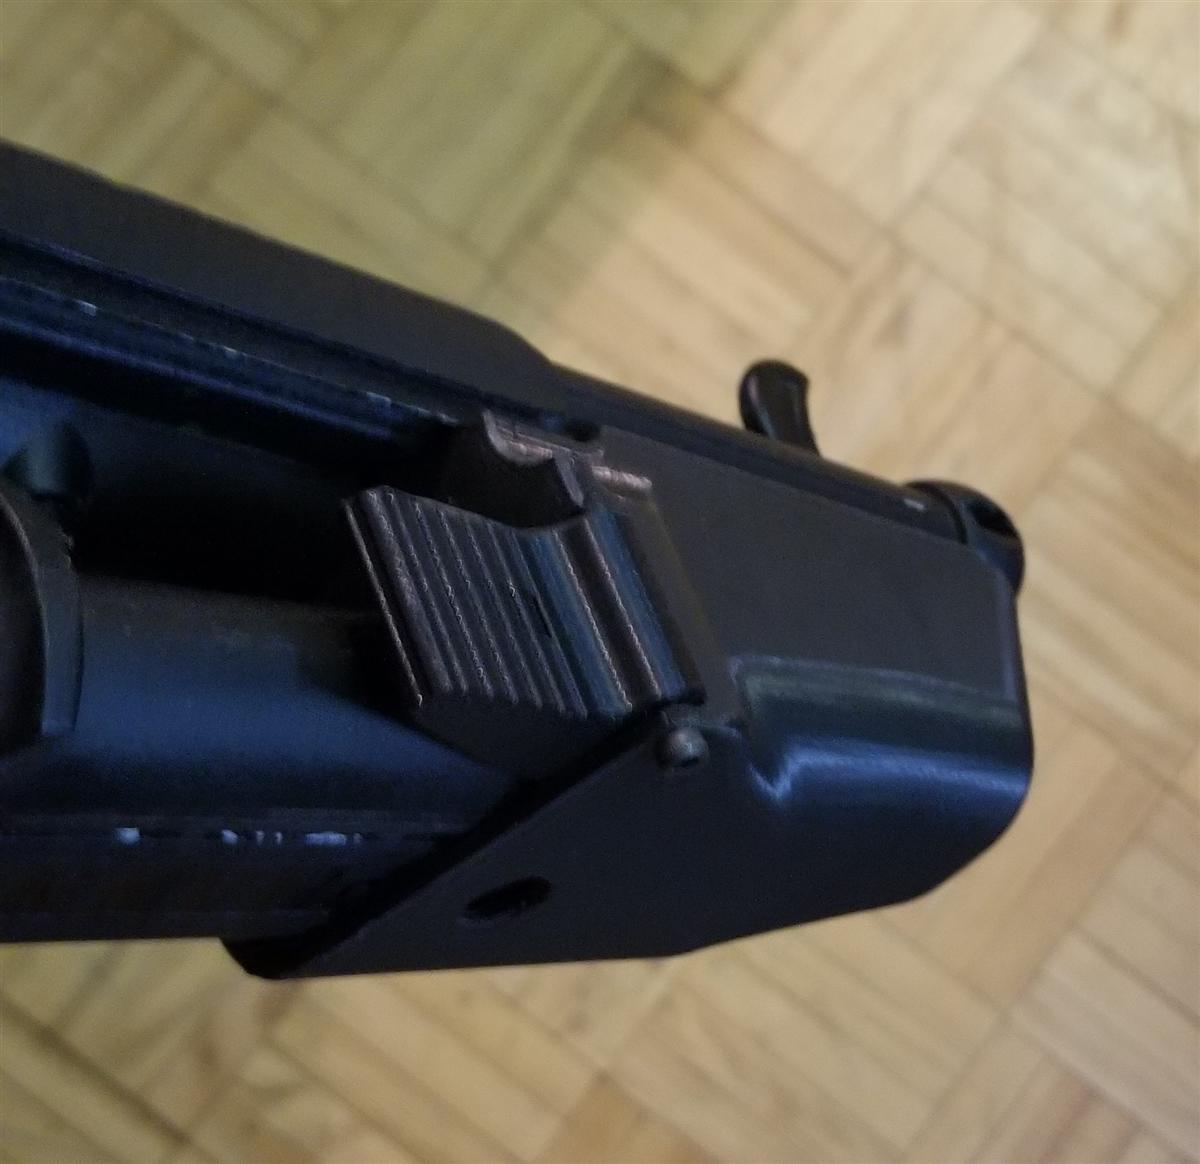 Tippmann A5 Magwell Adapter - TIPX / ZETA